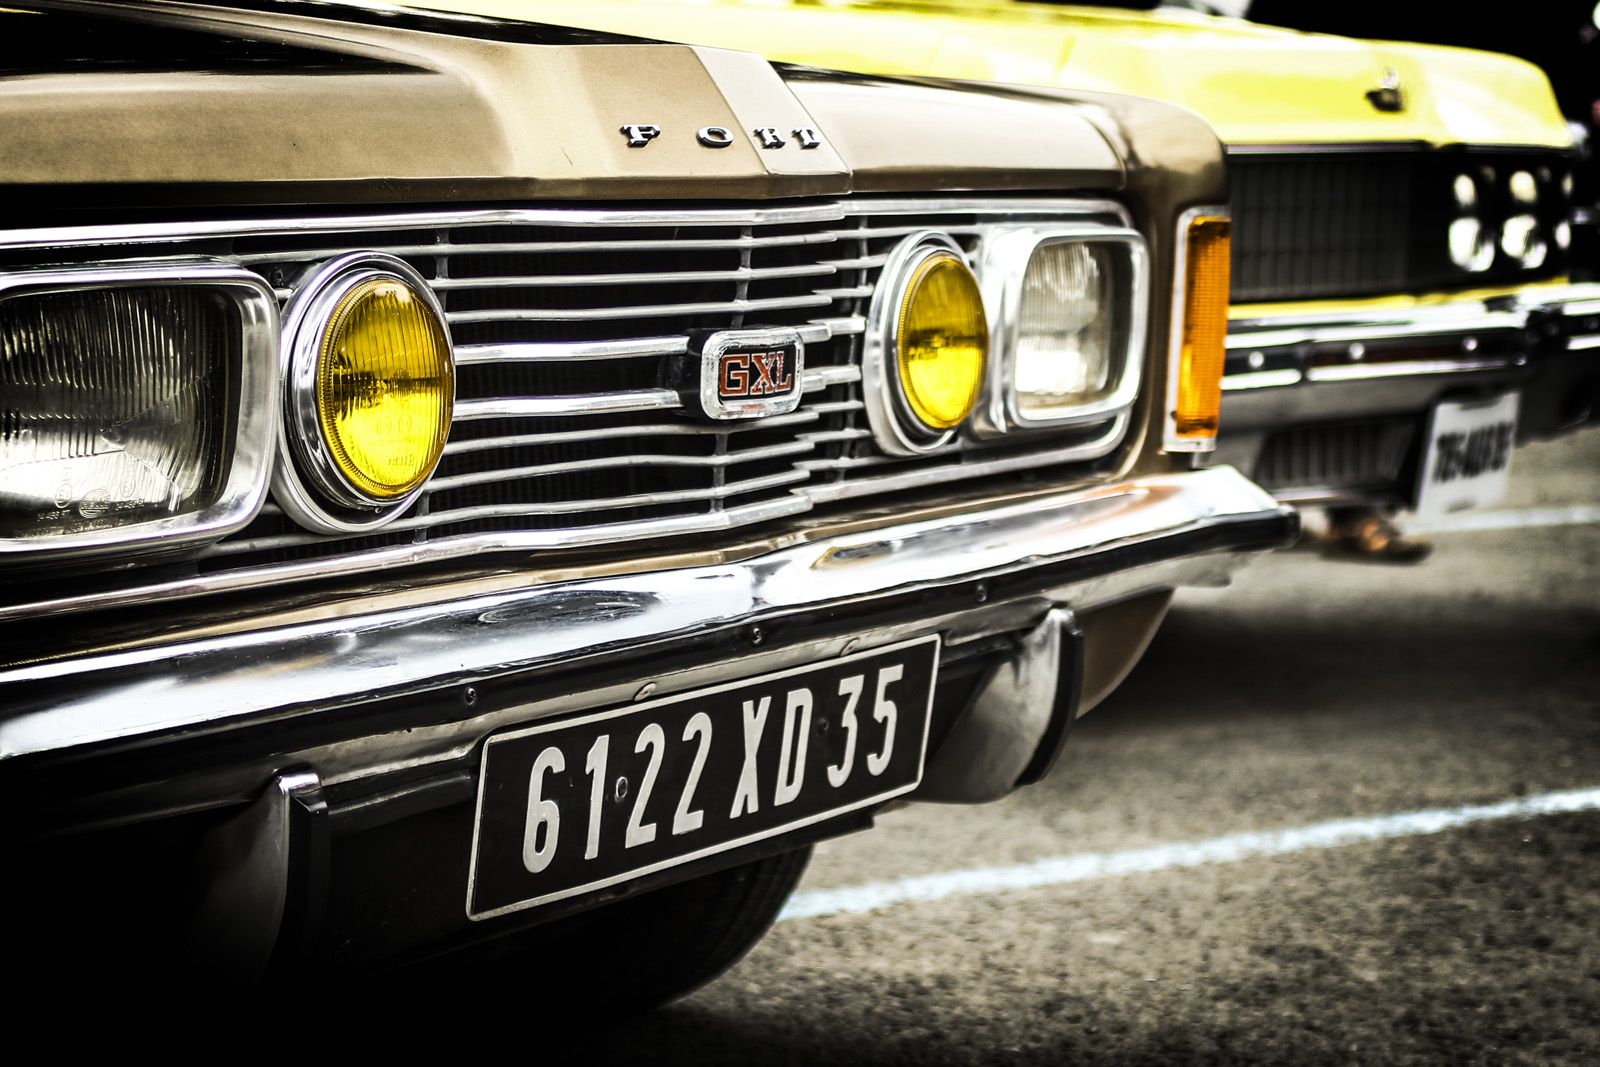 Deux vieilles ford taunnus, voiture préférée de Frank Dubosc